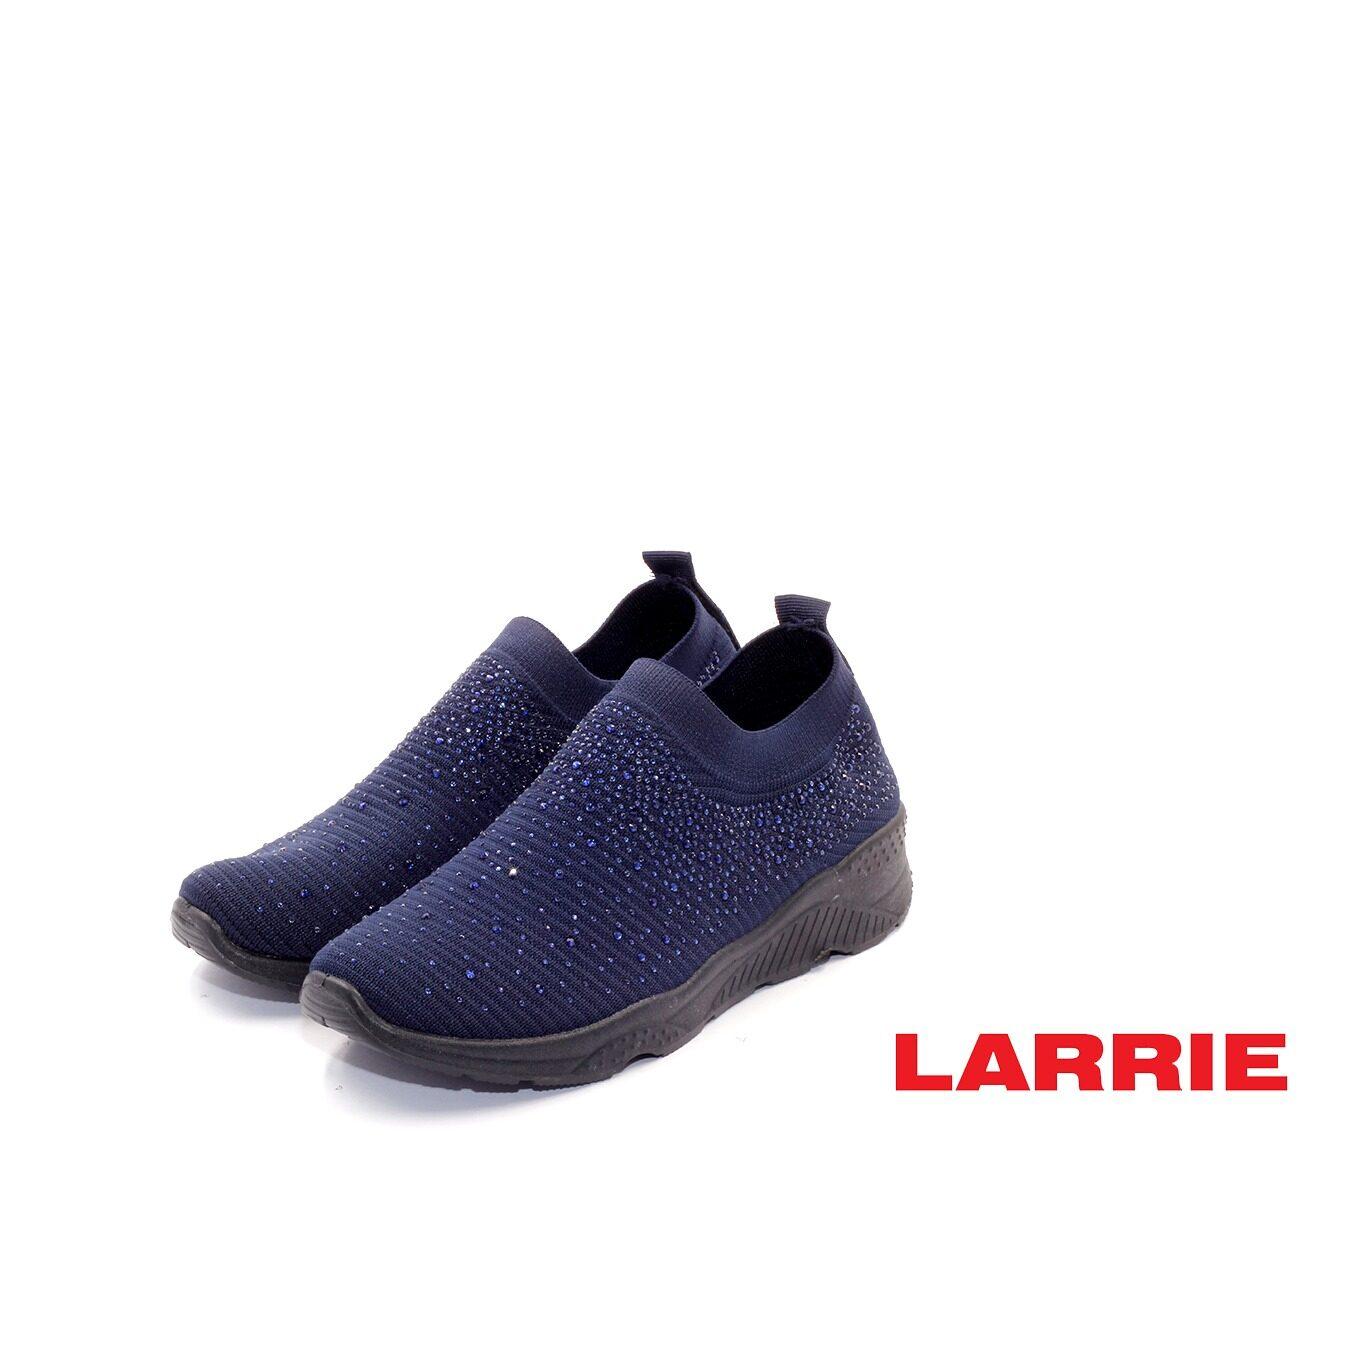 LARRIE Kasut Wanita Glitter Coated Fashion Sneakers Women (L62014-TF01SV)